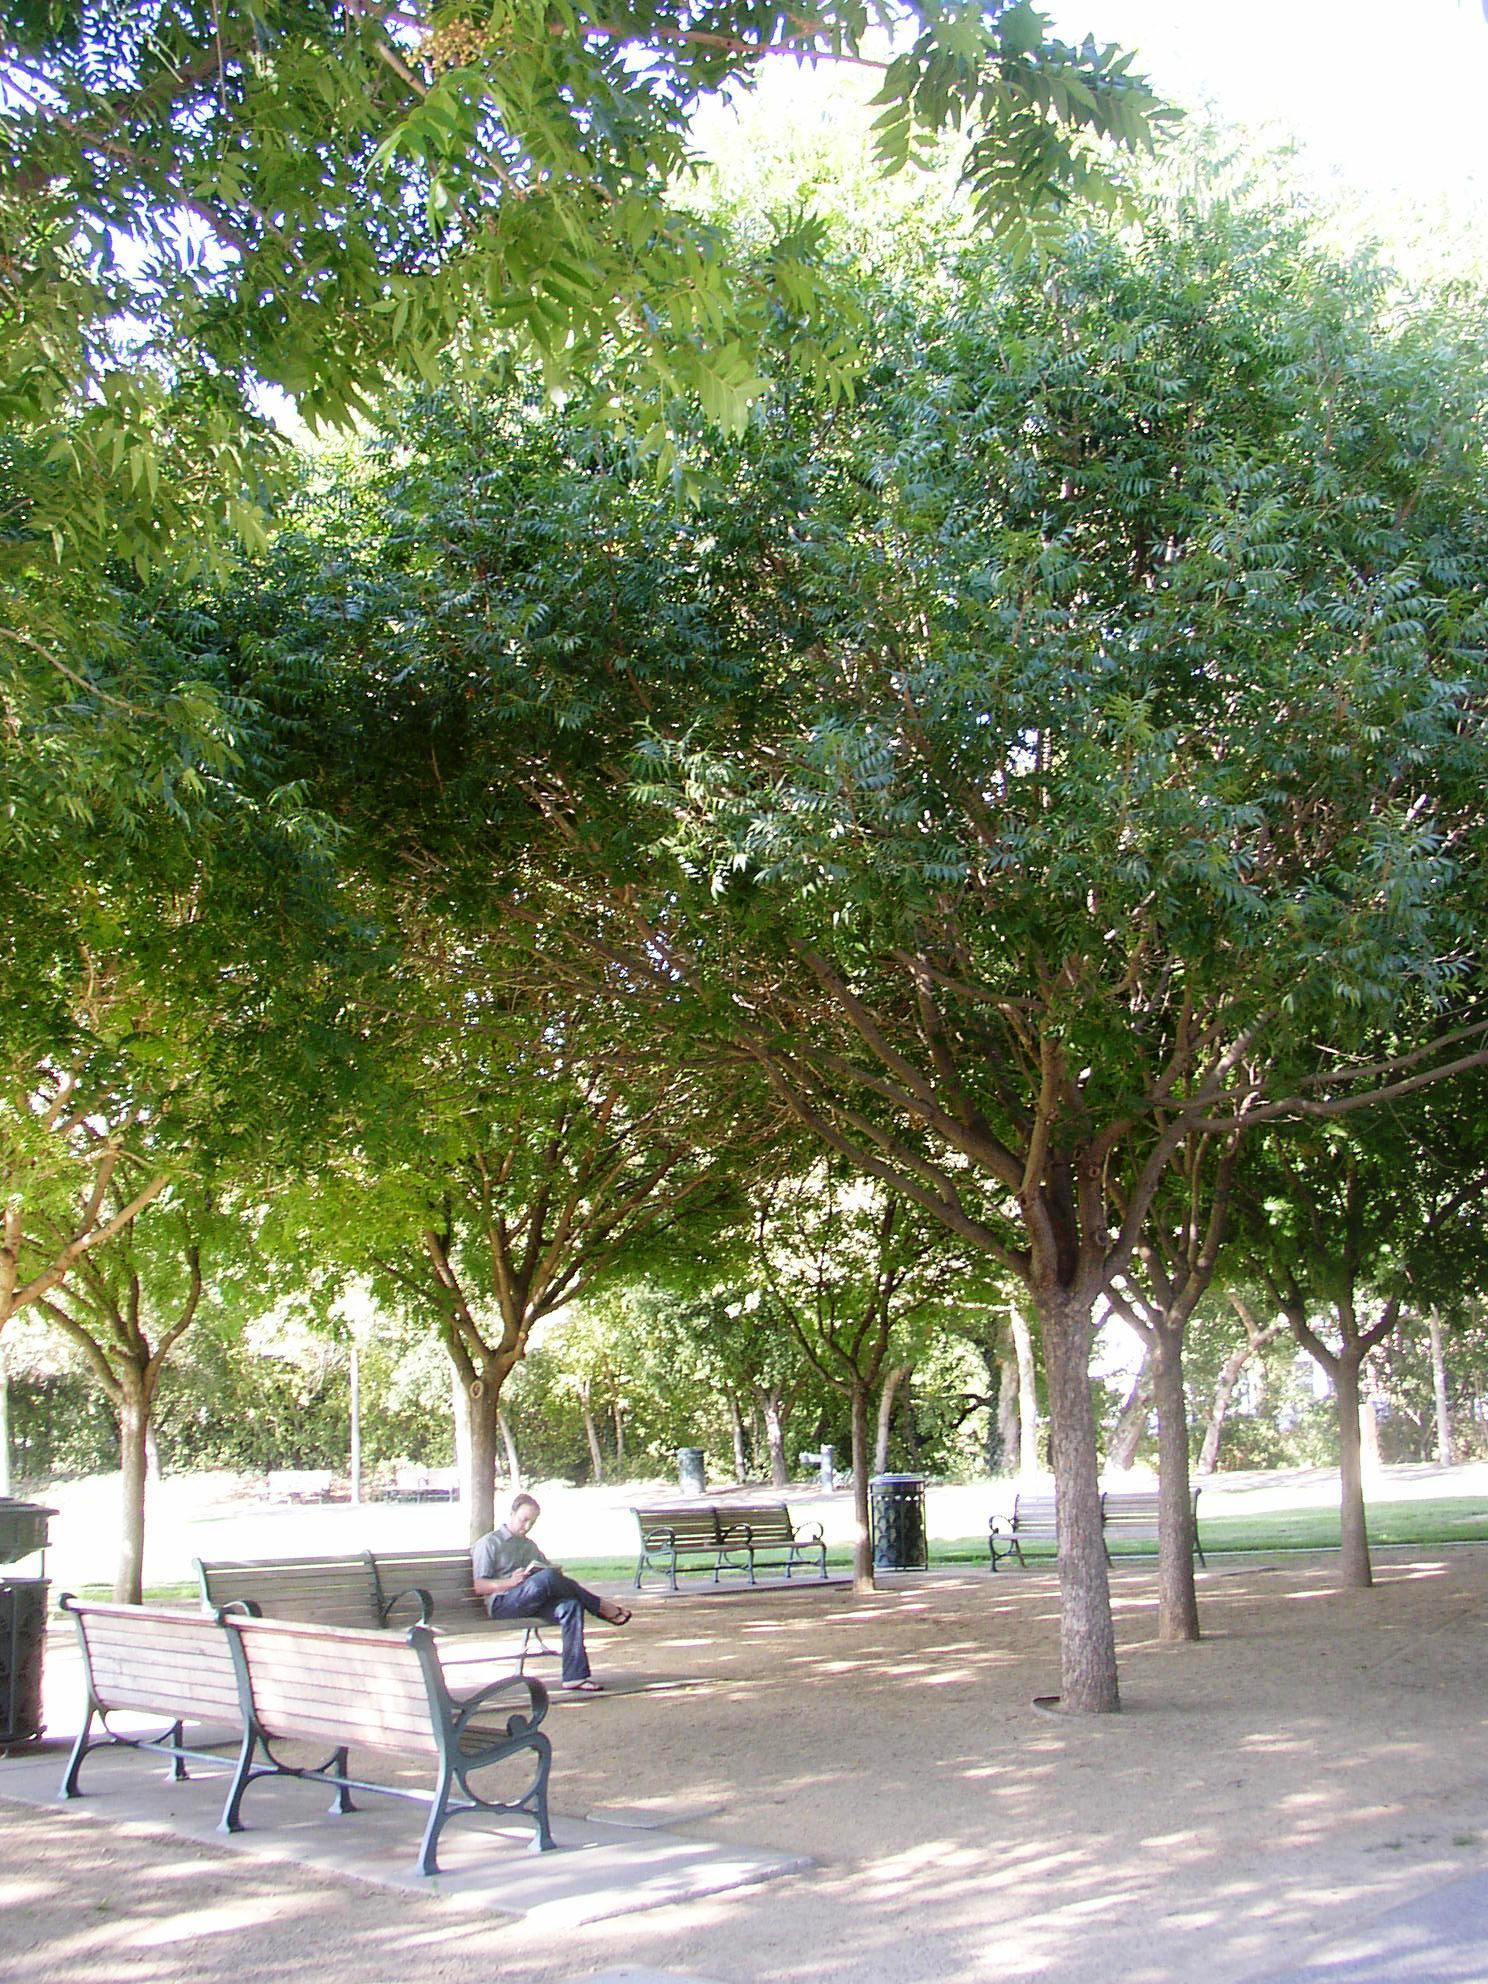 AIDS Memorial Grove - 2009